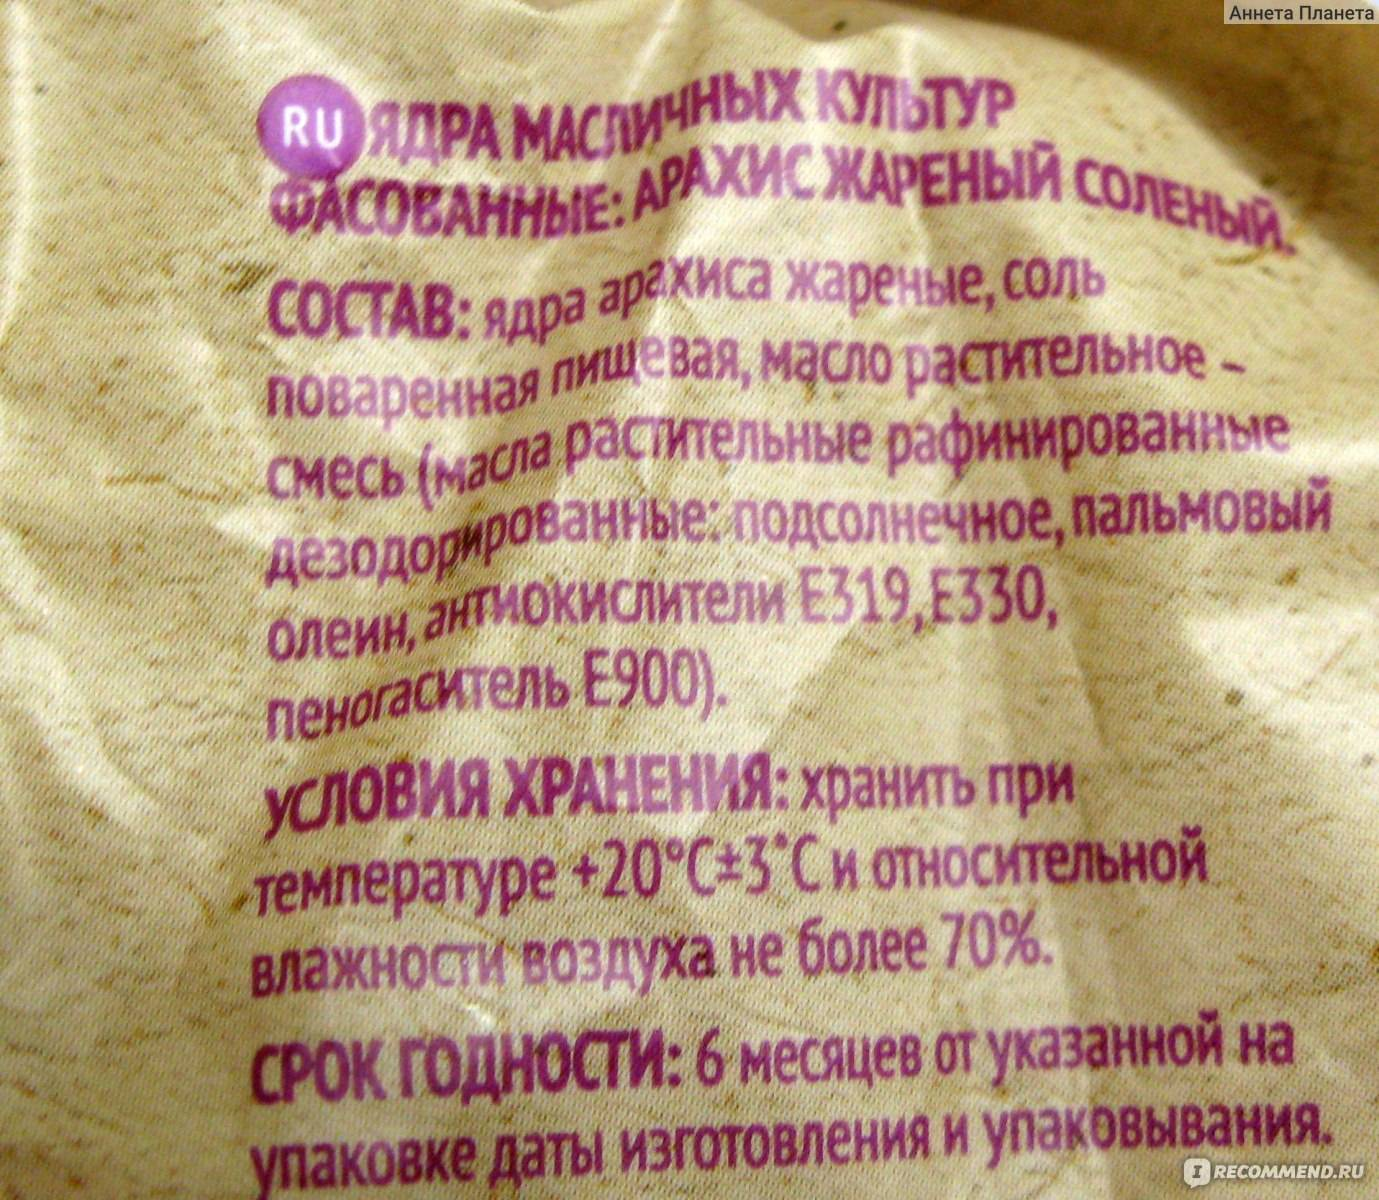 Как хранить орехи и сухофрукты в домашних условиях